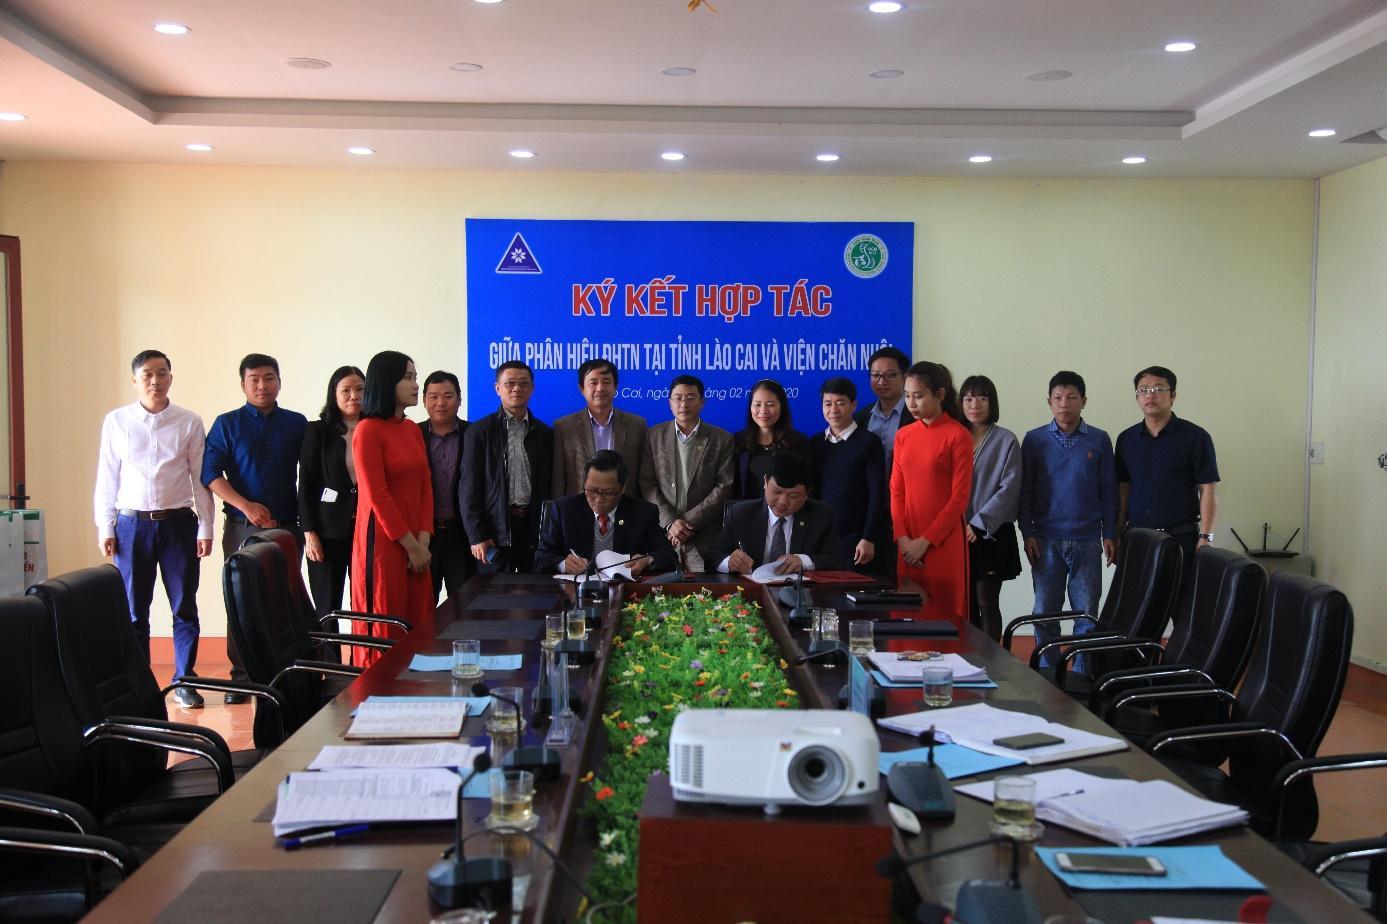 Ký kết hợp tác giữa Phân hiệu Đại học Thái Nguyên tại tỉnh Lào Cai  với Viện Chăn nuôi